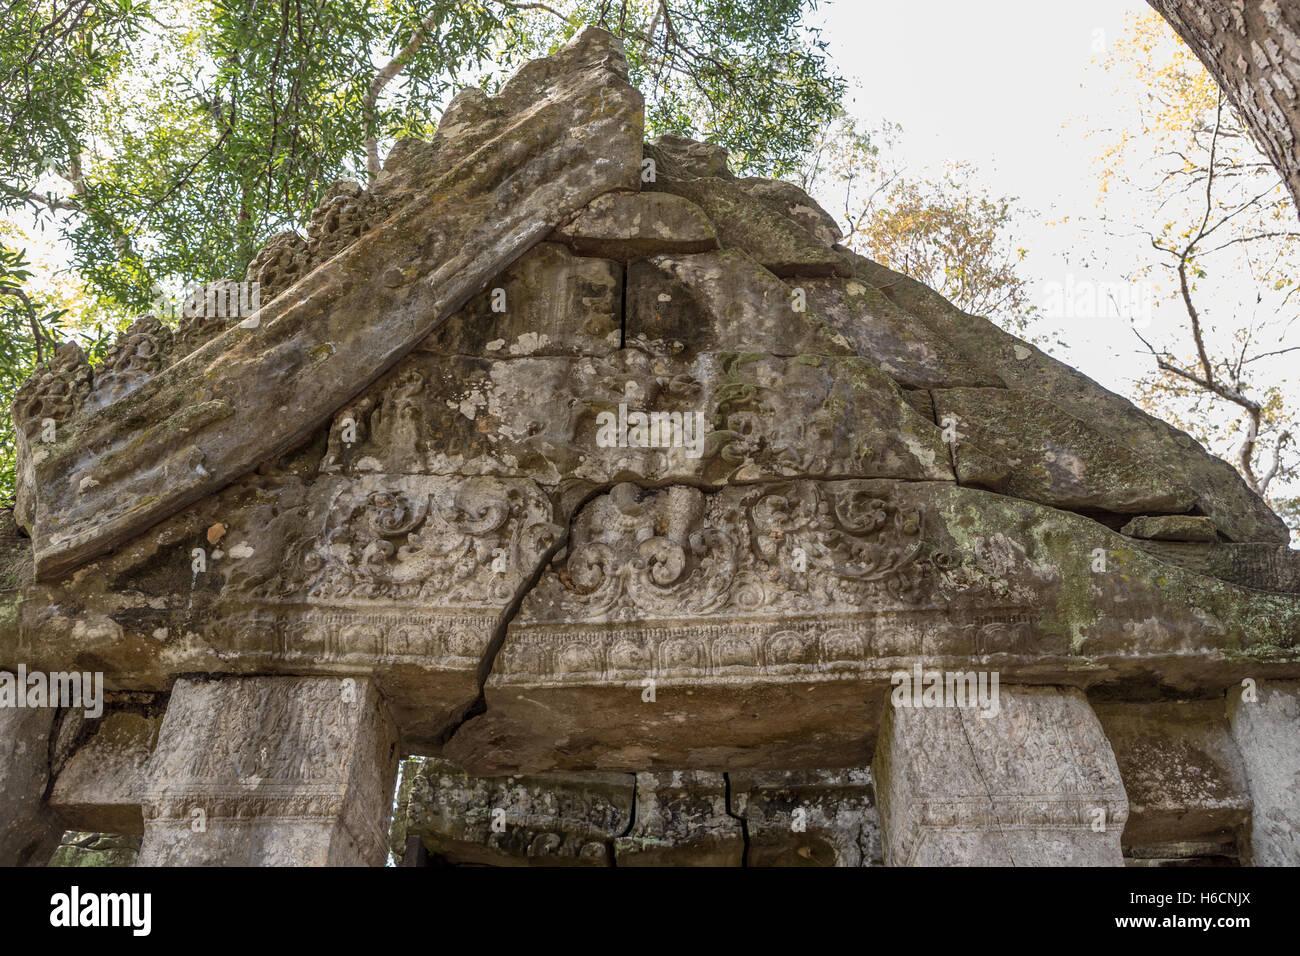 Prasat Thom Koh Ker Chok Gargyar Siem Reap Cambodia temples - Stock Image